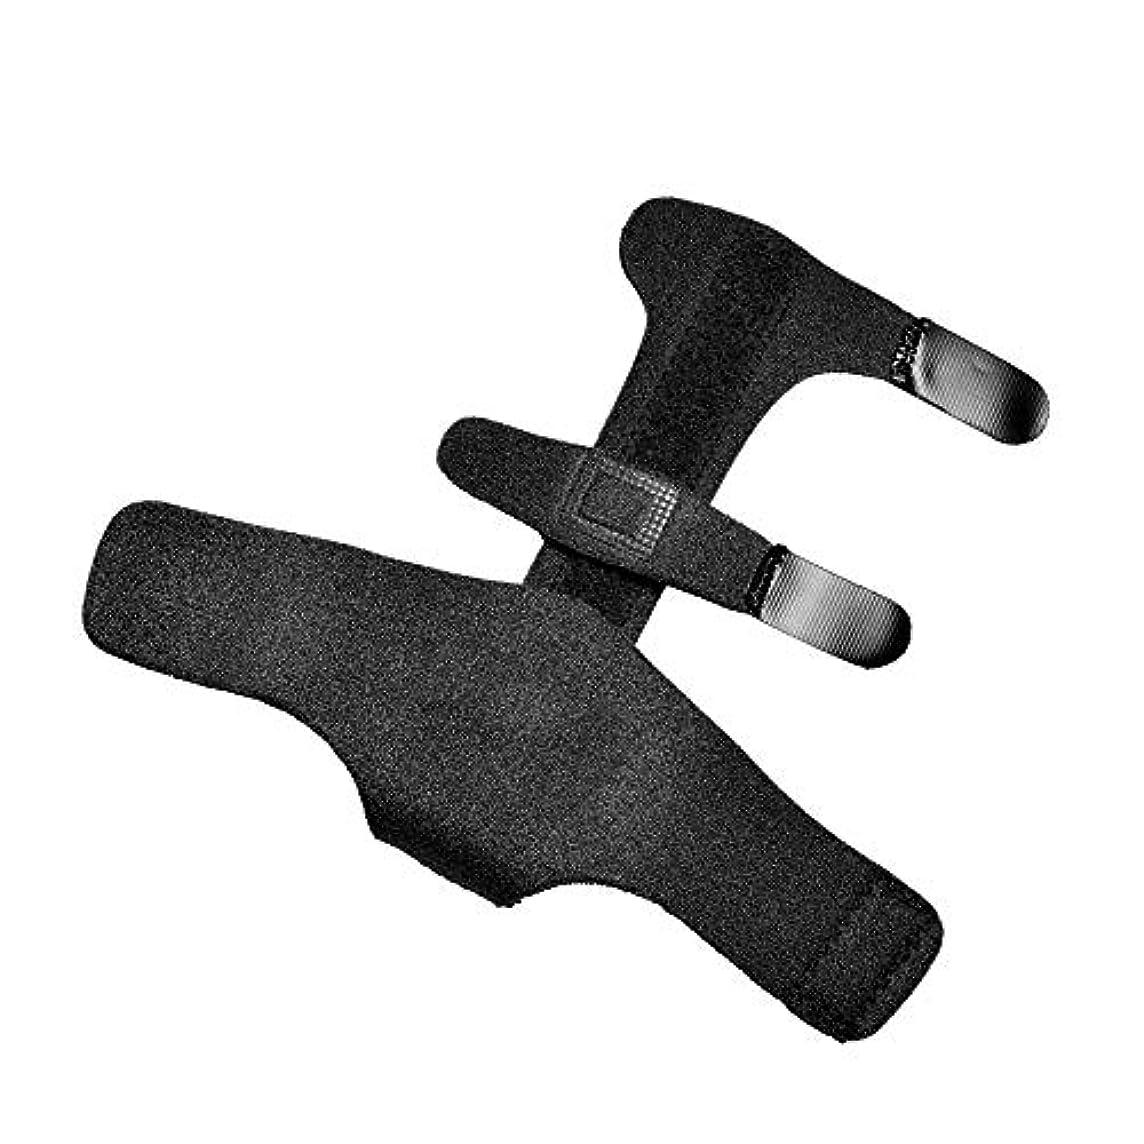 ハム崖ブースZYL-YL 指固定スリーブ指節クリップアルミニウム板指固定補正ベルト手首の指が固定 (色 : 黒, Edition : Left)